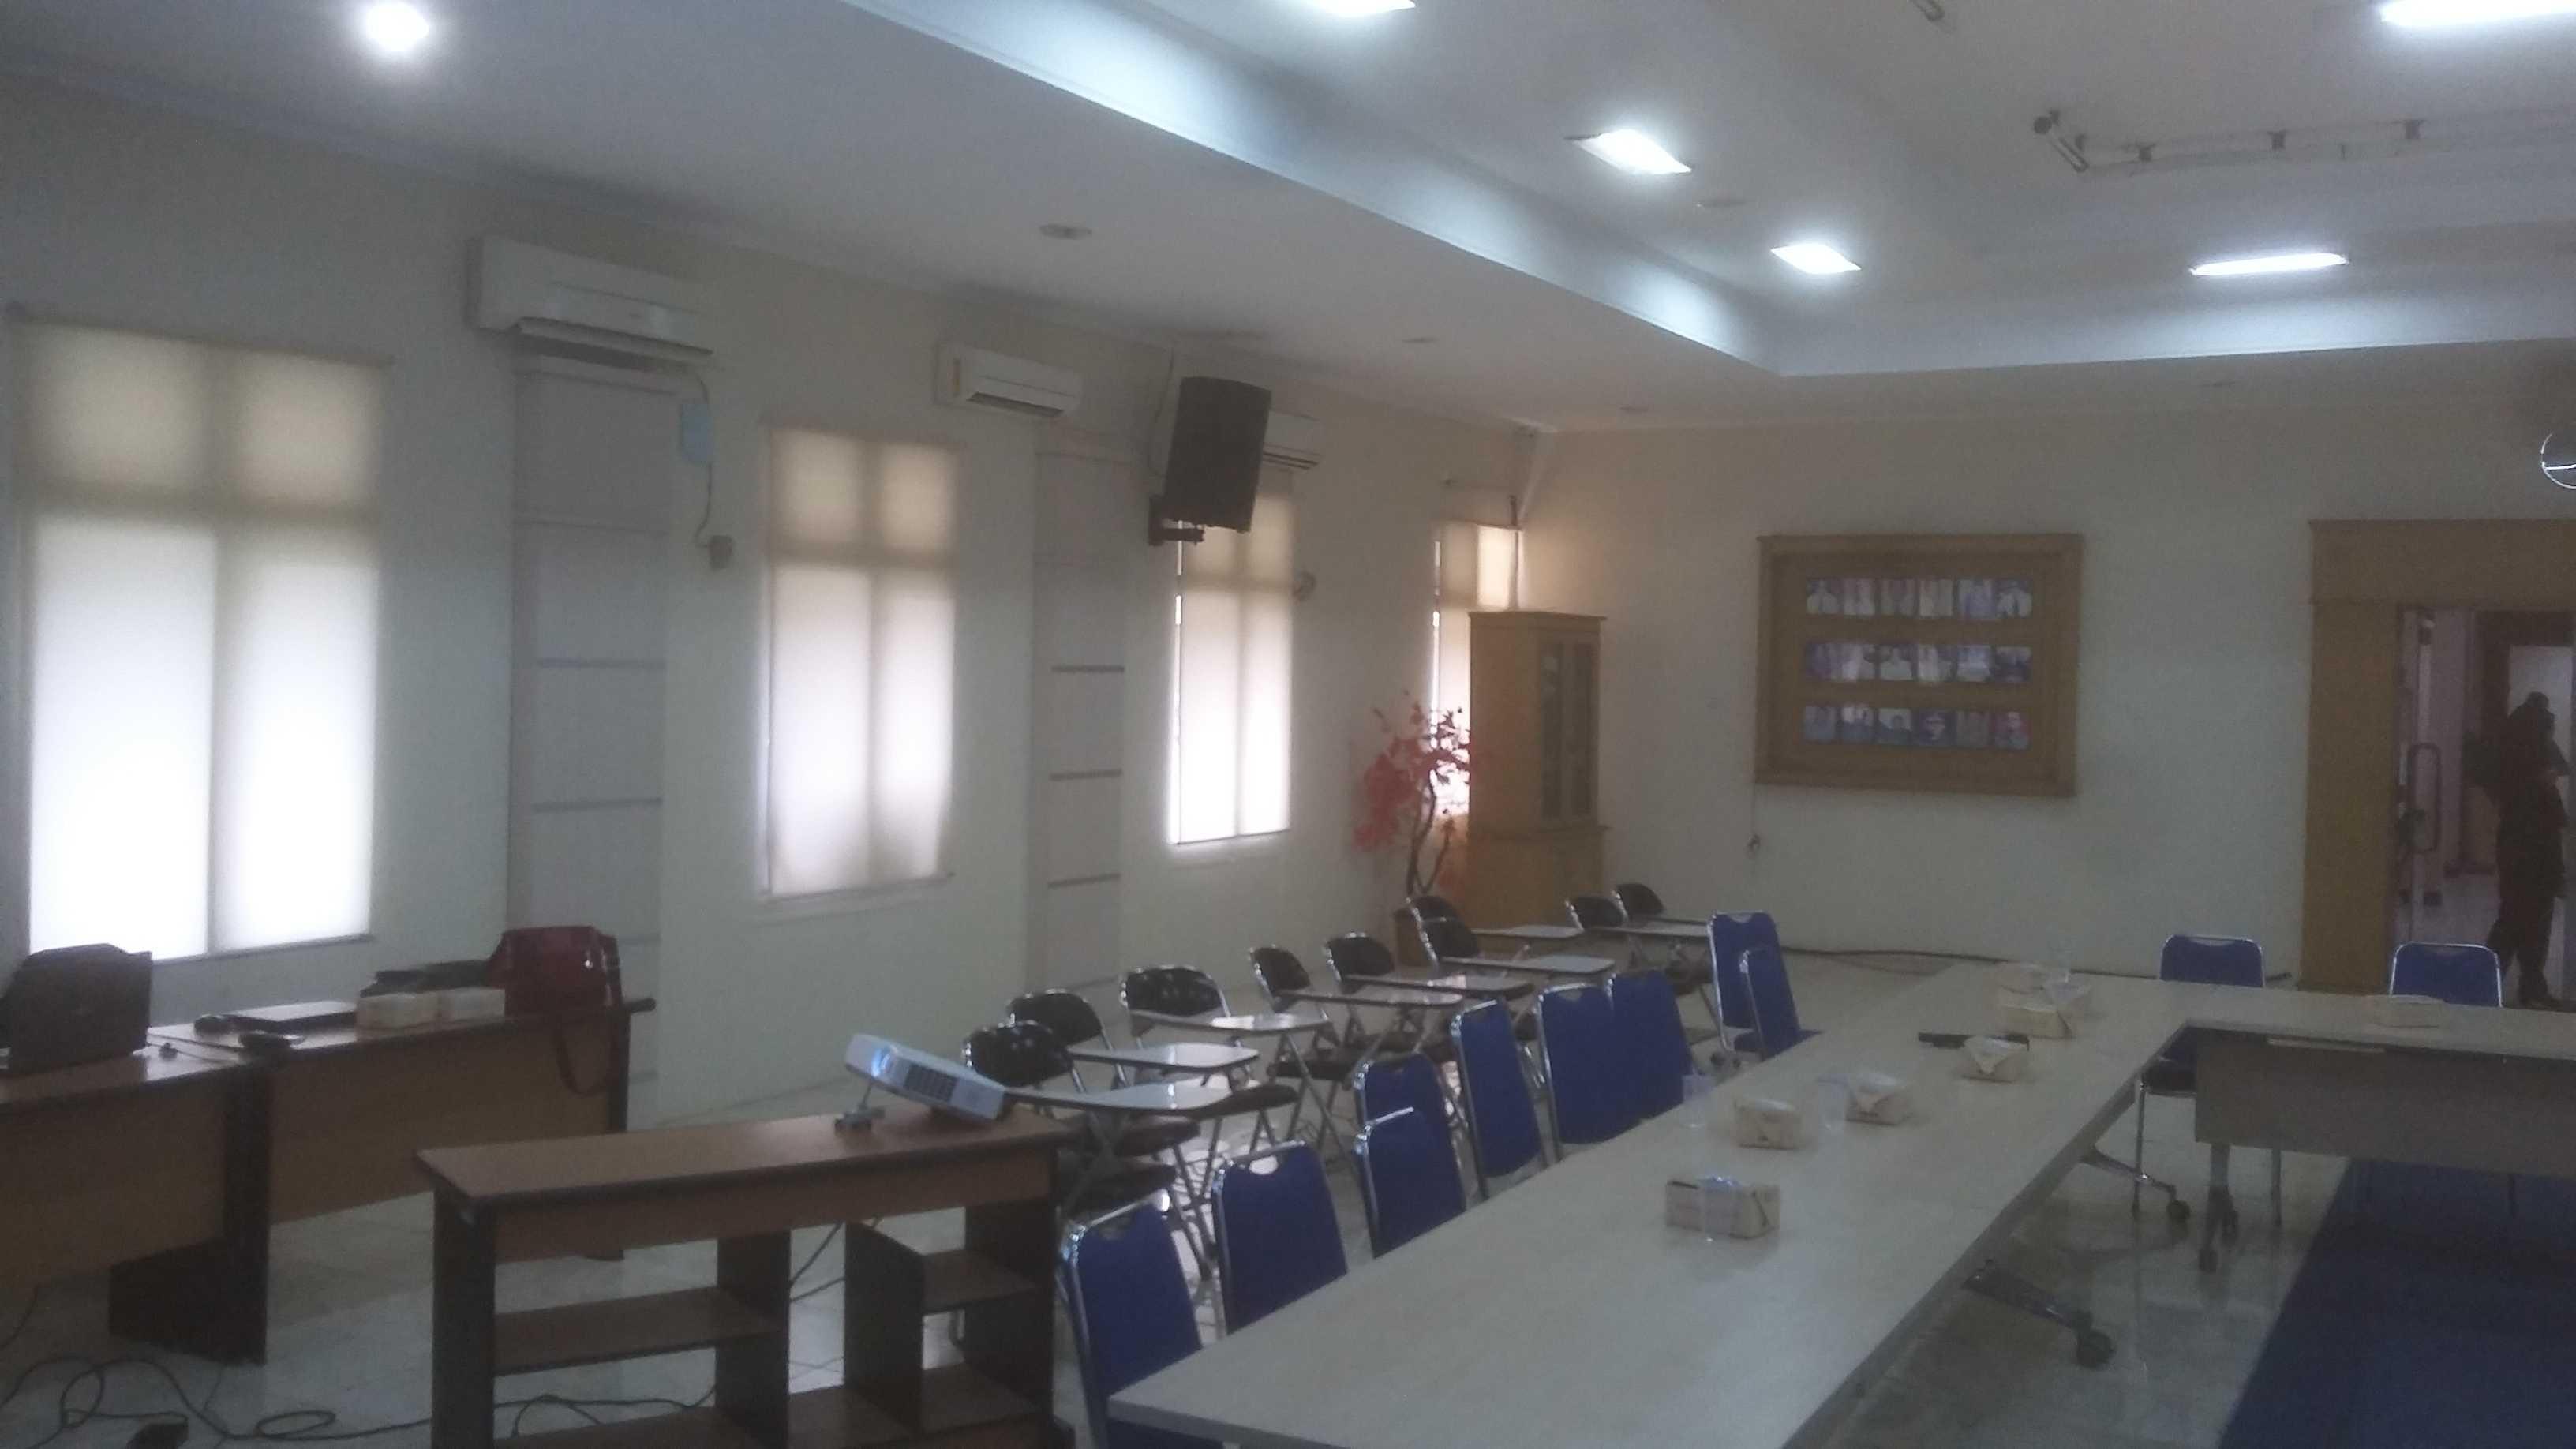 M.o.k.a.d Renovation Aula Kantor Kanwil Bea Cukai Sumbagtim Palembang Palembang, Kota Palembang, Sumatera Selatan, Indonesia Palembang, Kota Palembang, Sumatera Selatan, Indonesia Mokad-Renovation-Aula-Kantor-Kanwil-Bea-Cukai-Sumbagtim-Palembang   61135